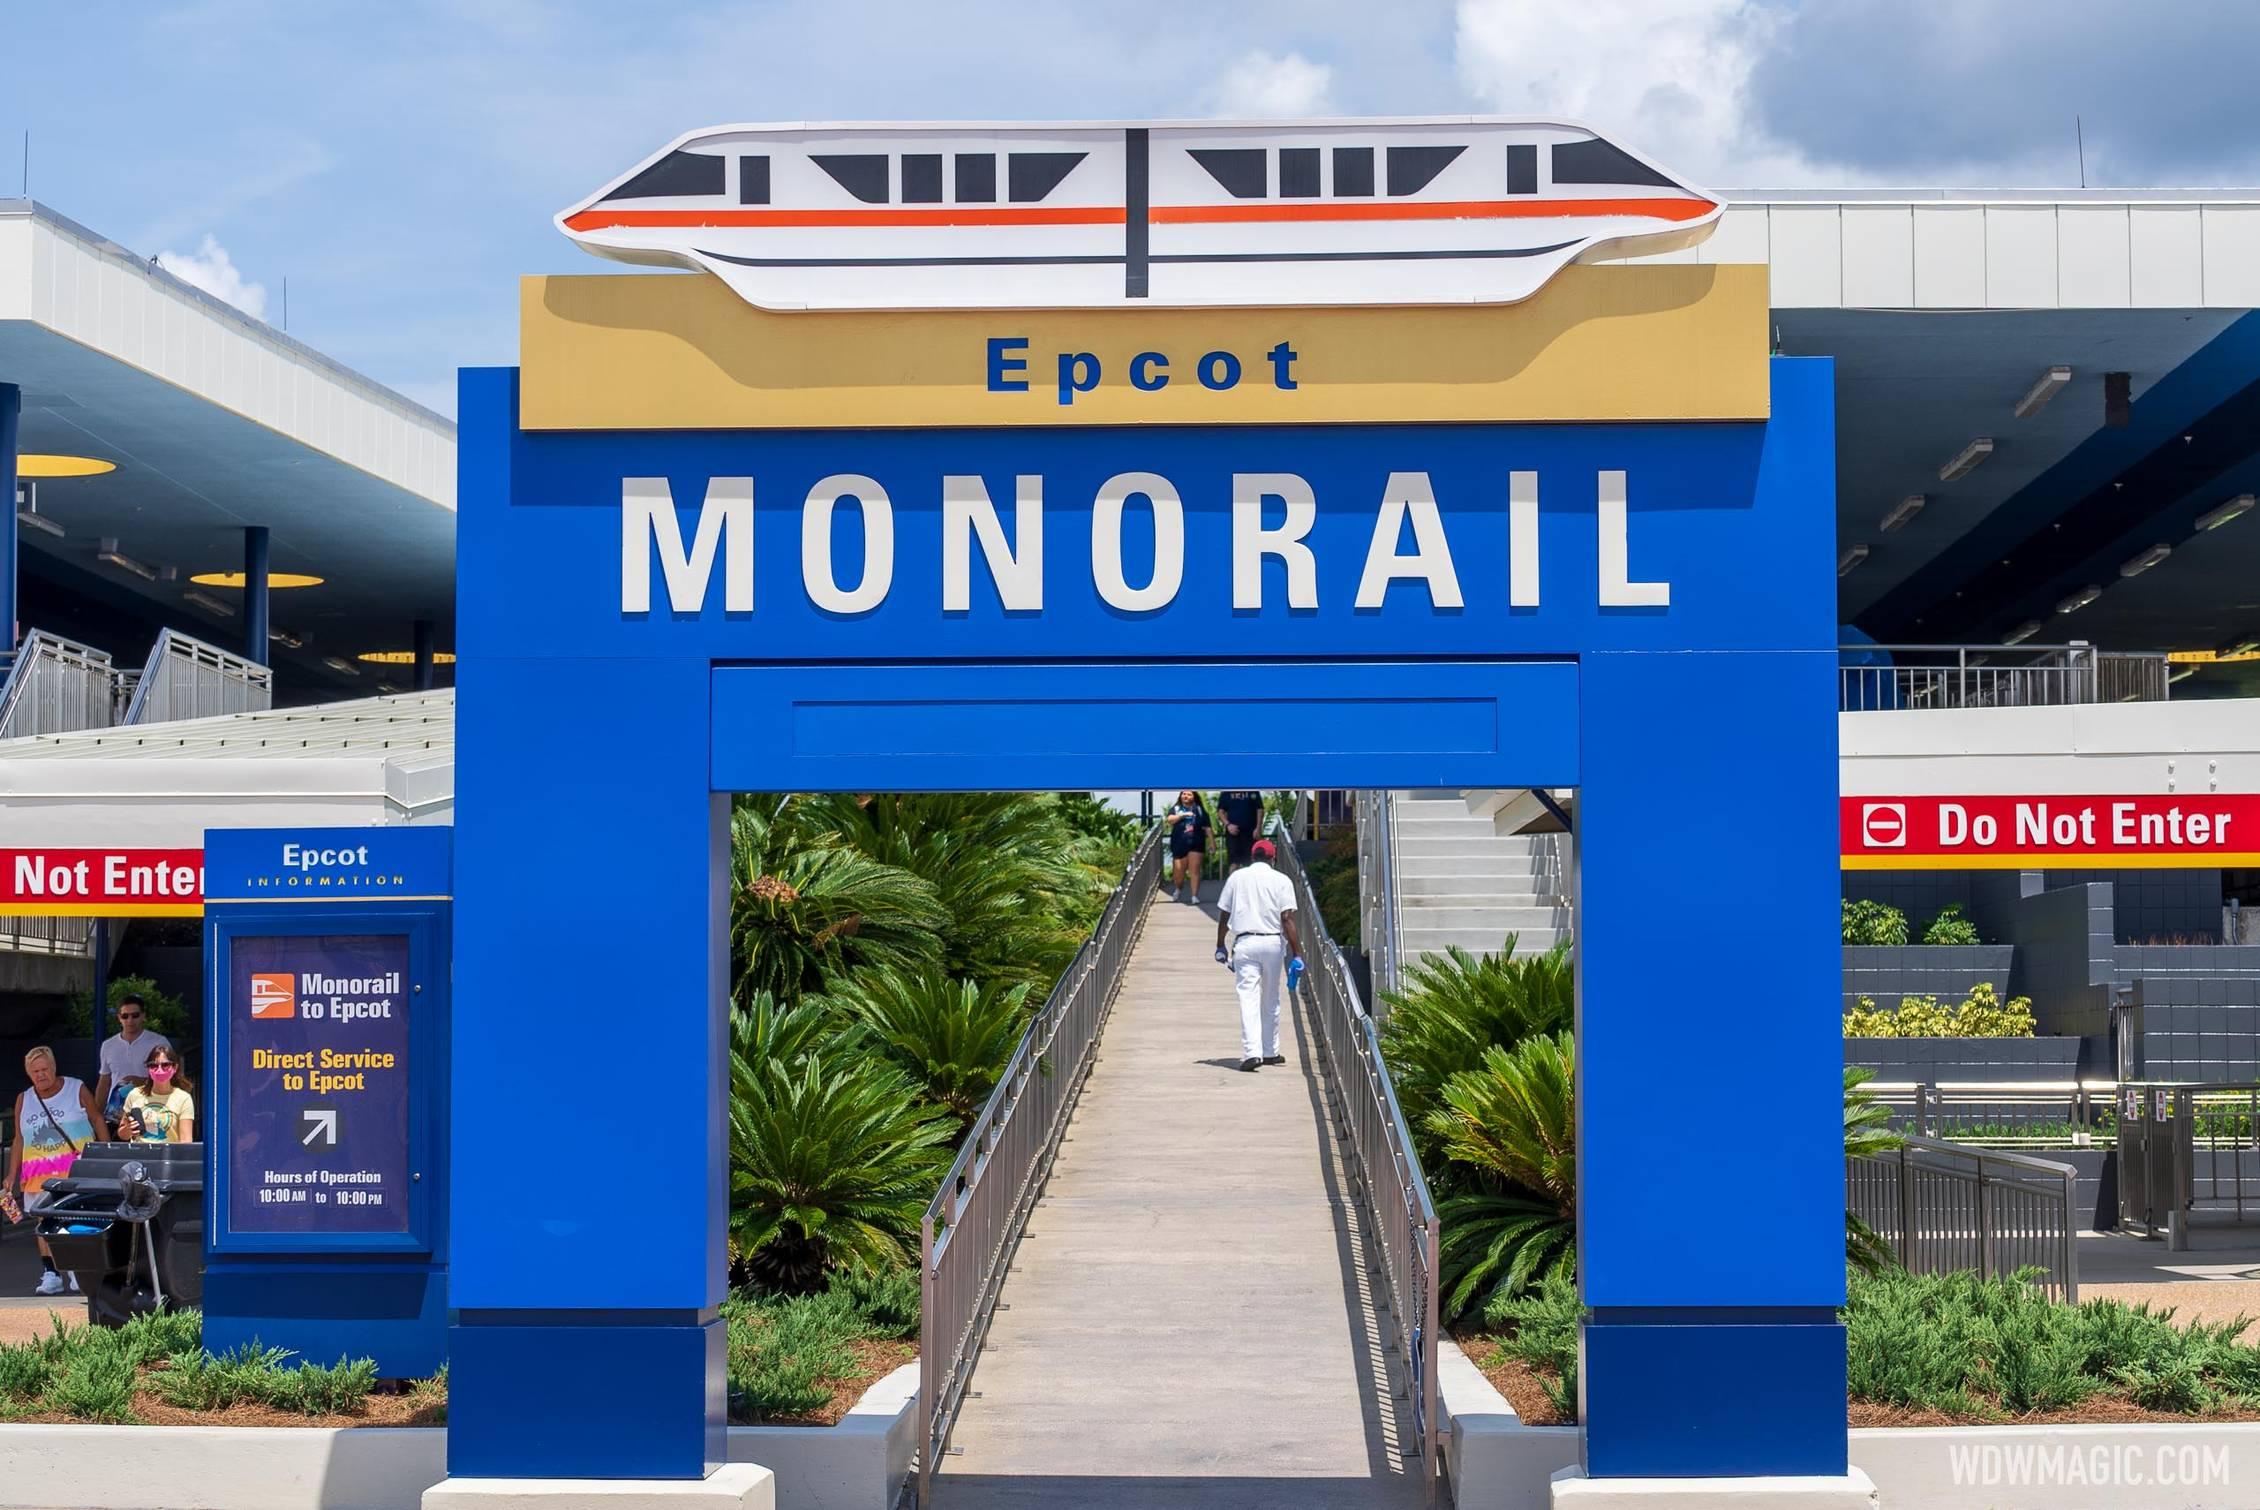 Monorail_Full_43886.jpg